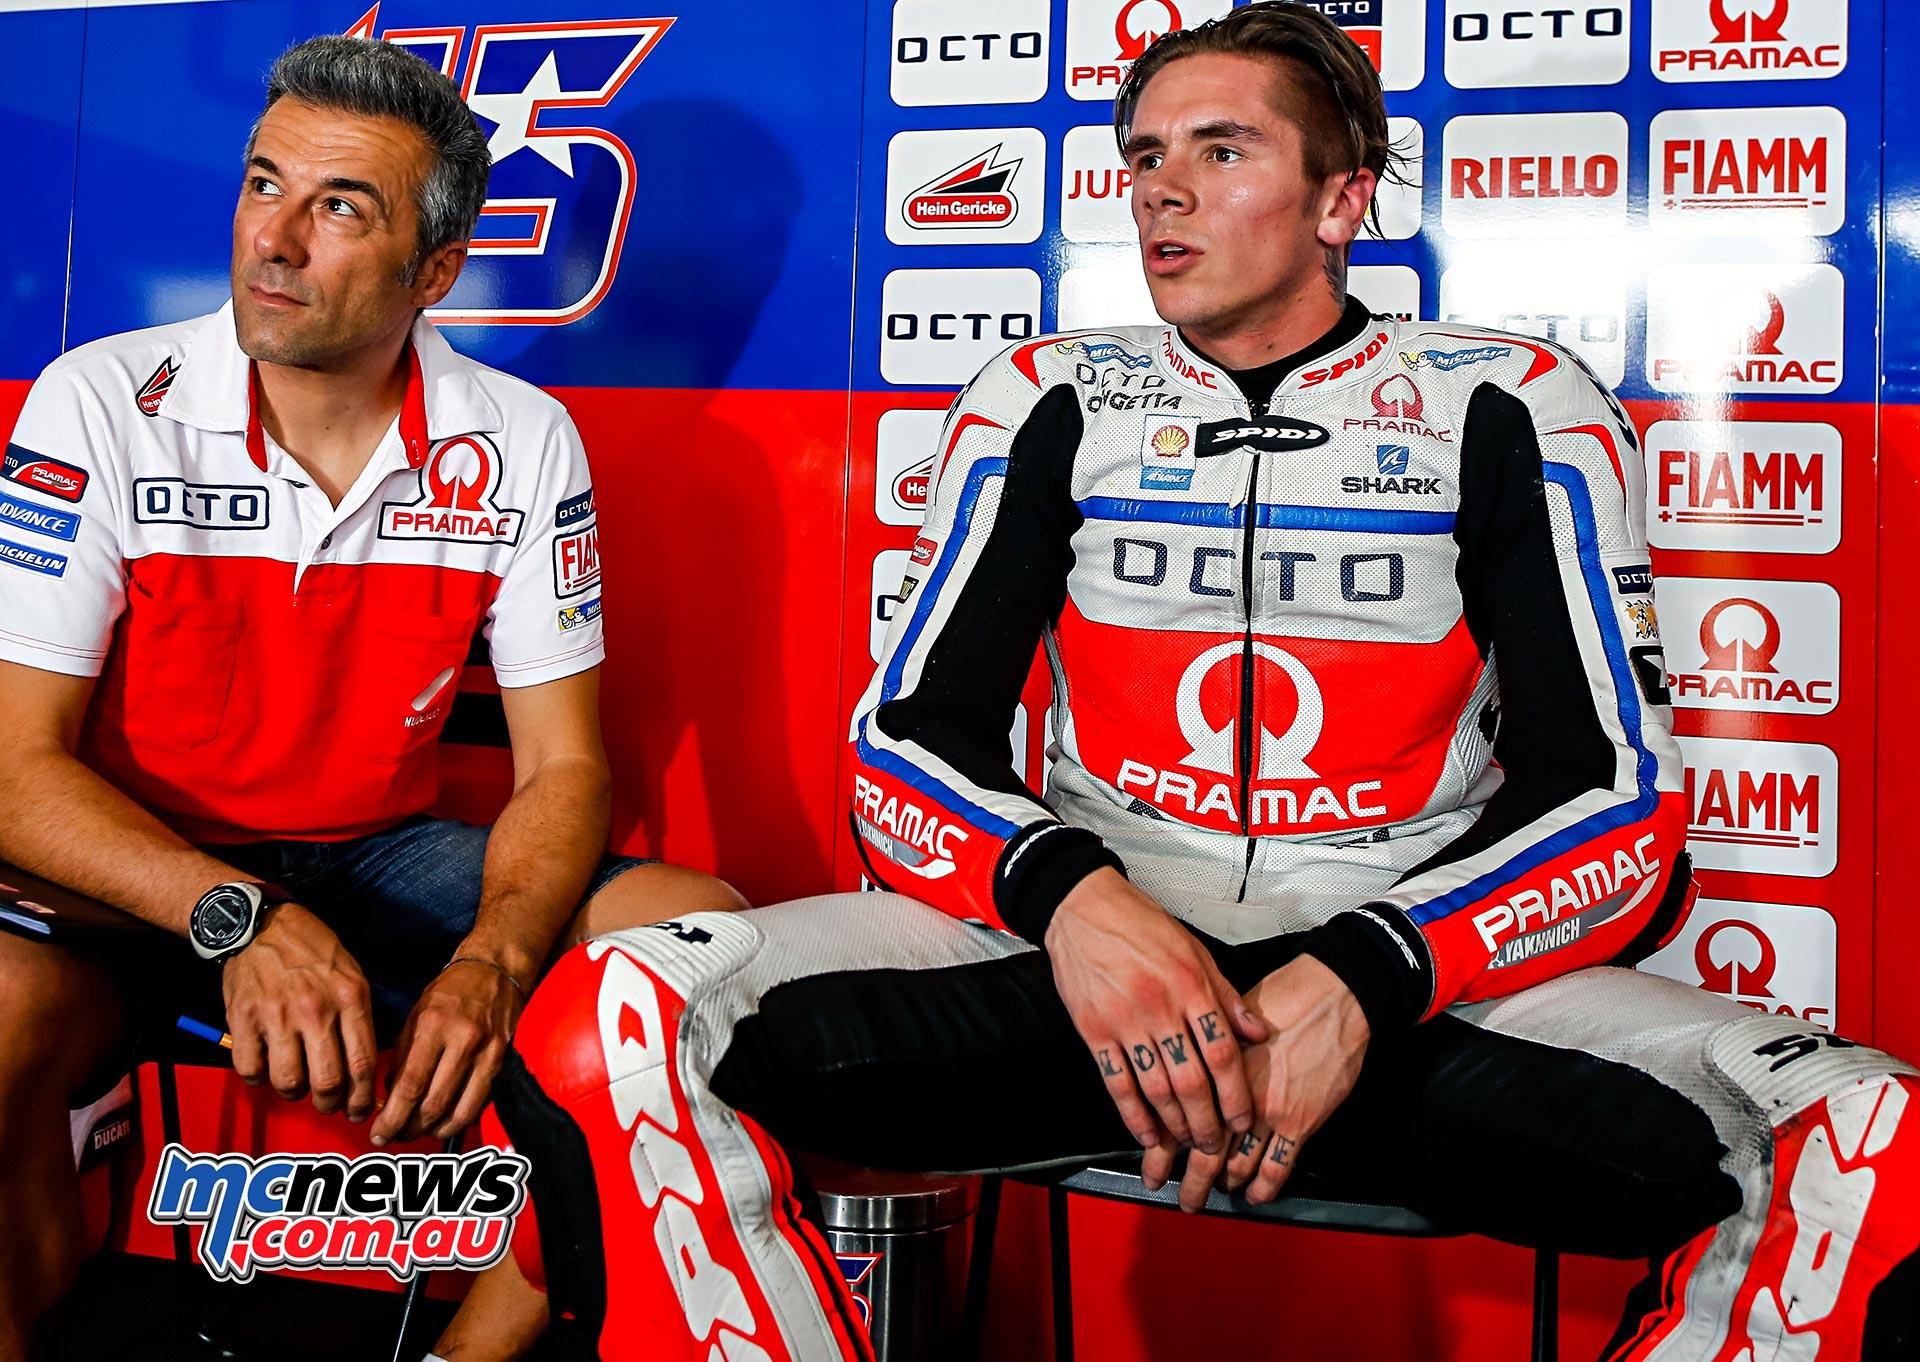 MotoGP rear tyre failure prompts changes | MCNews.com.au